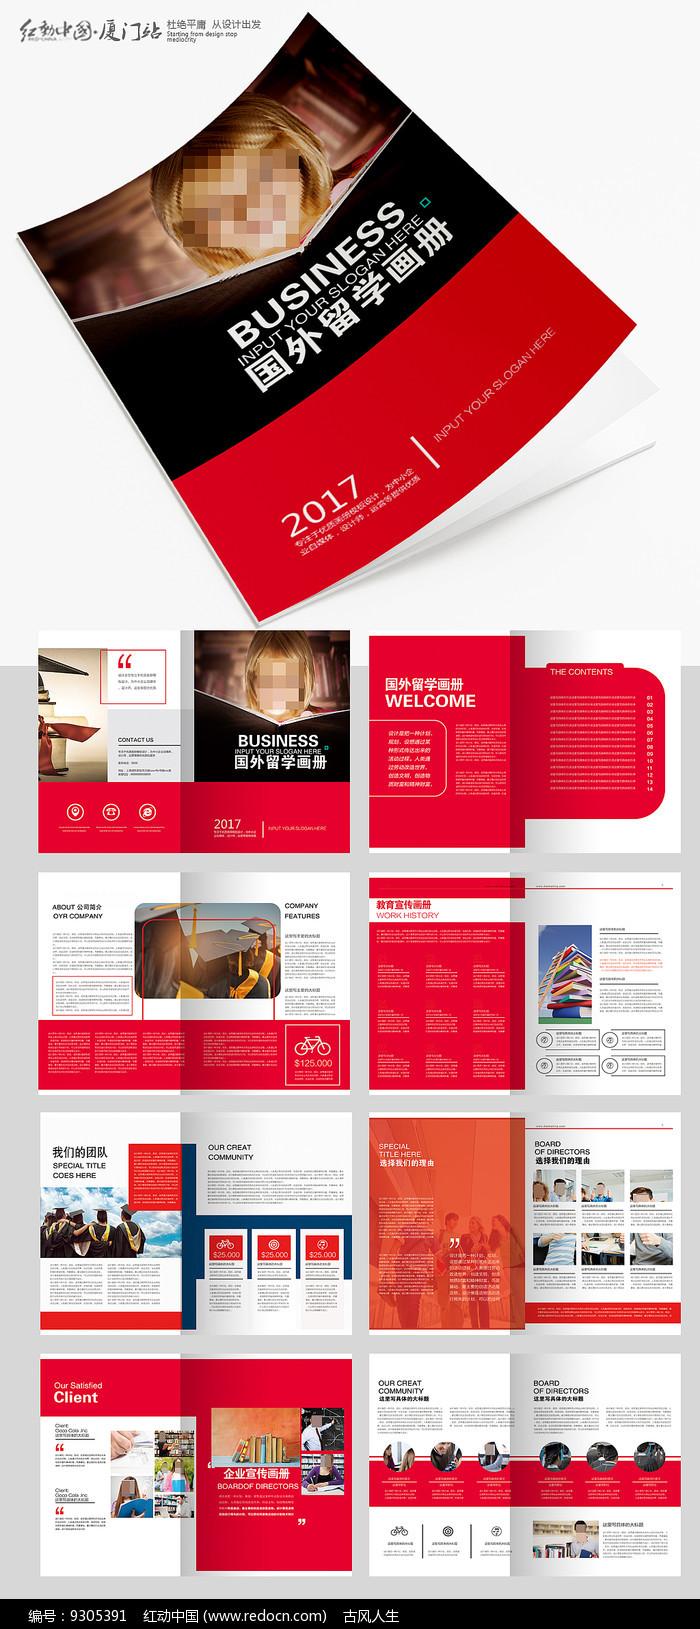 国外留学画册设计图片